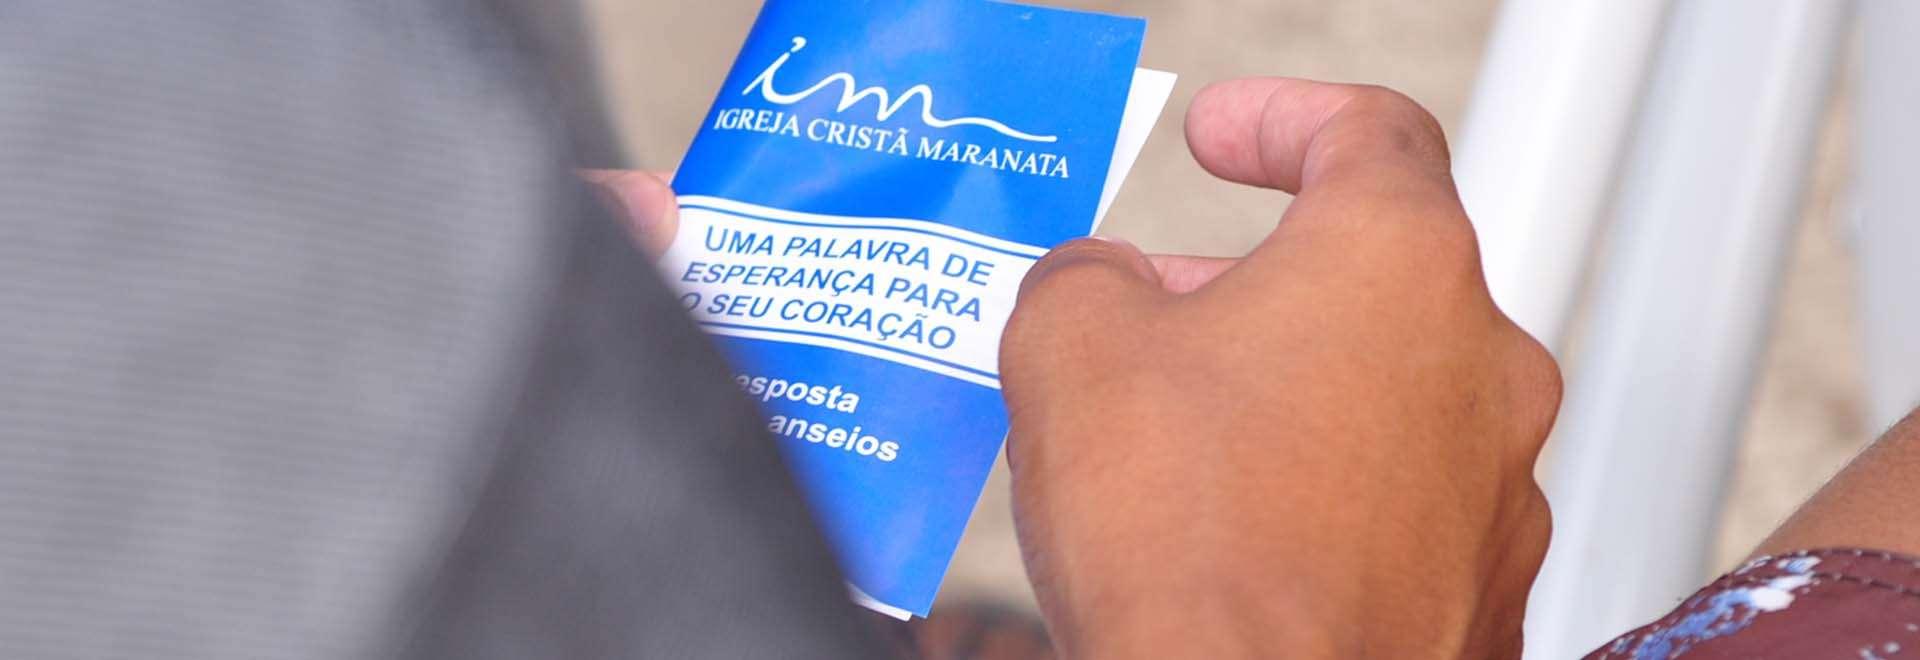 Trabalho de evangelização em Governador Valadares (MG) resulta em experiências de salvação